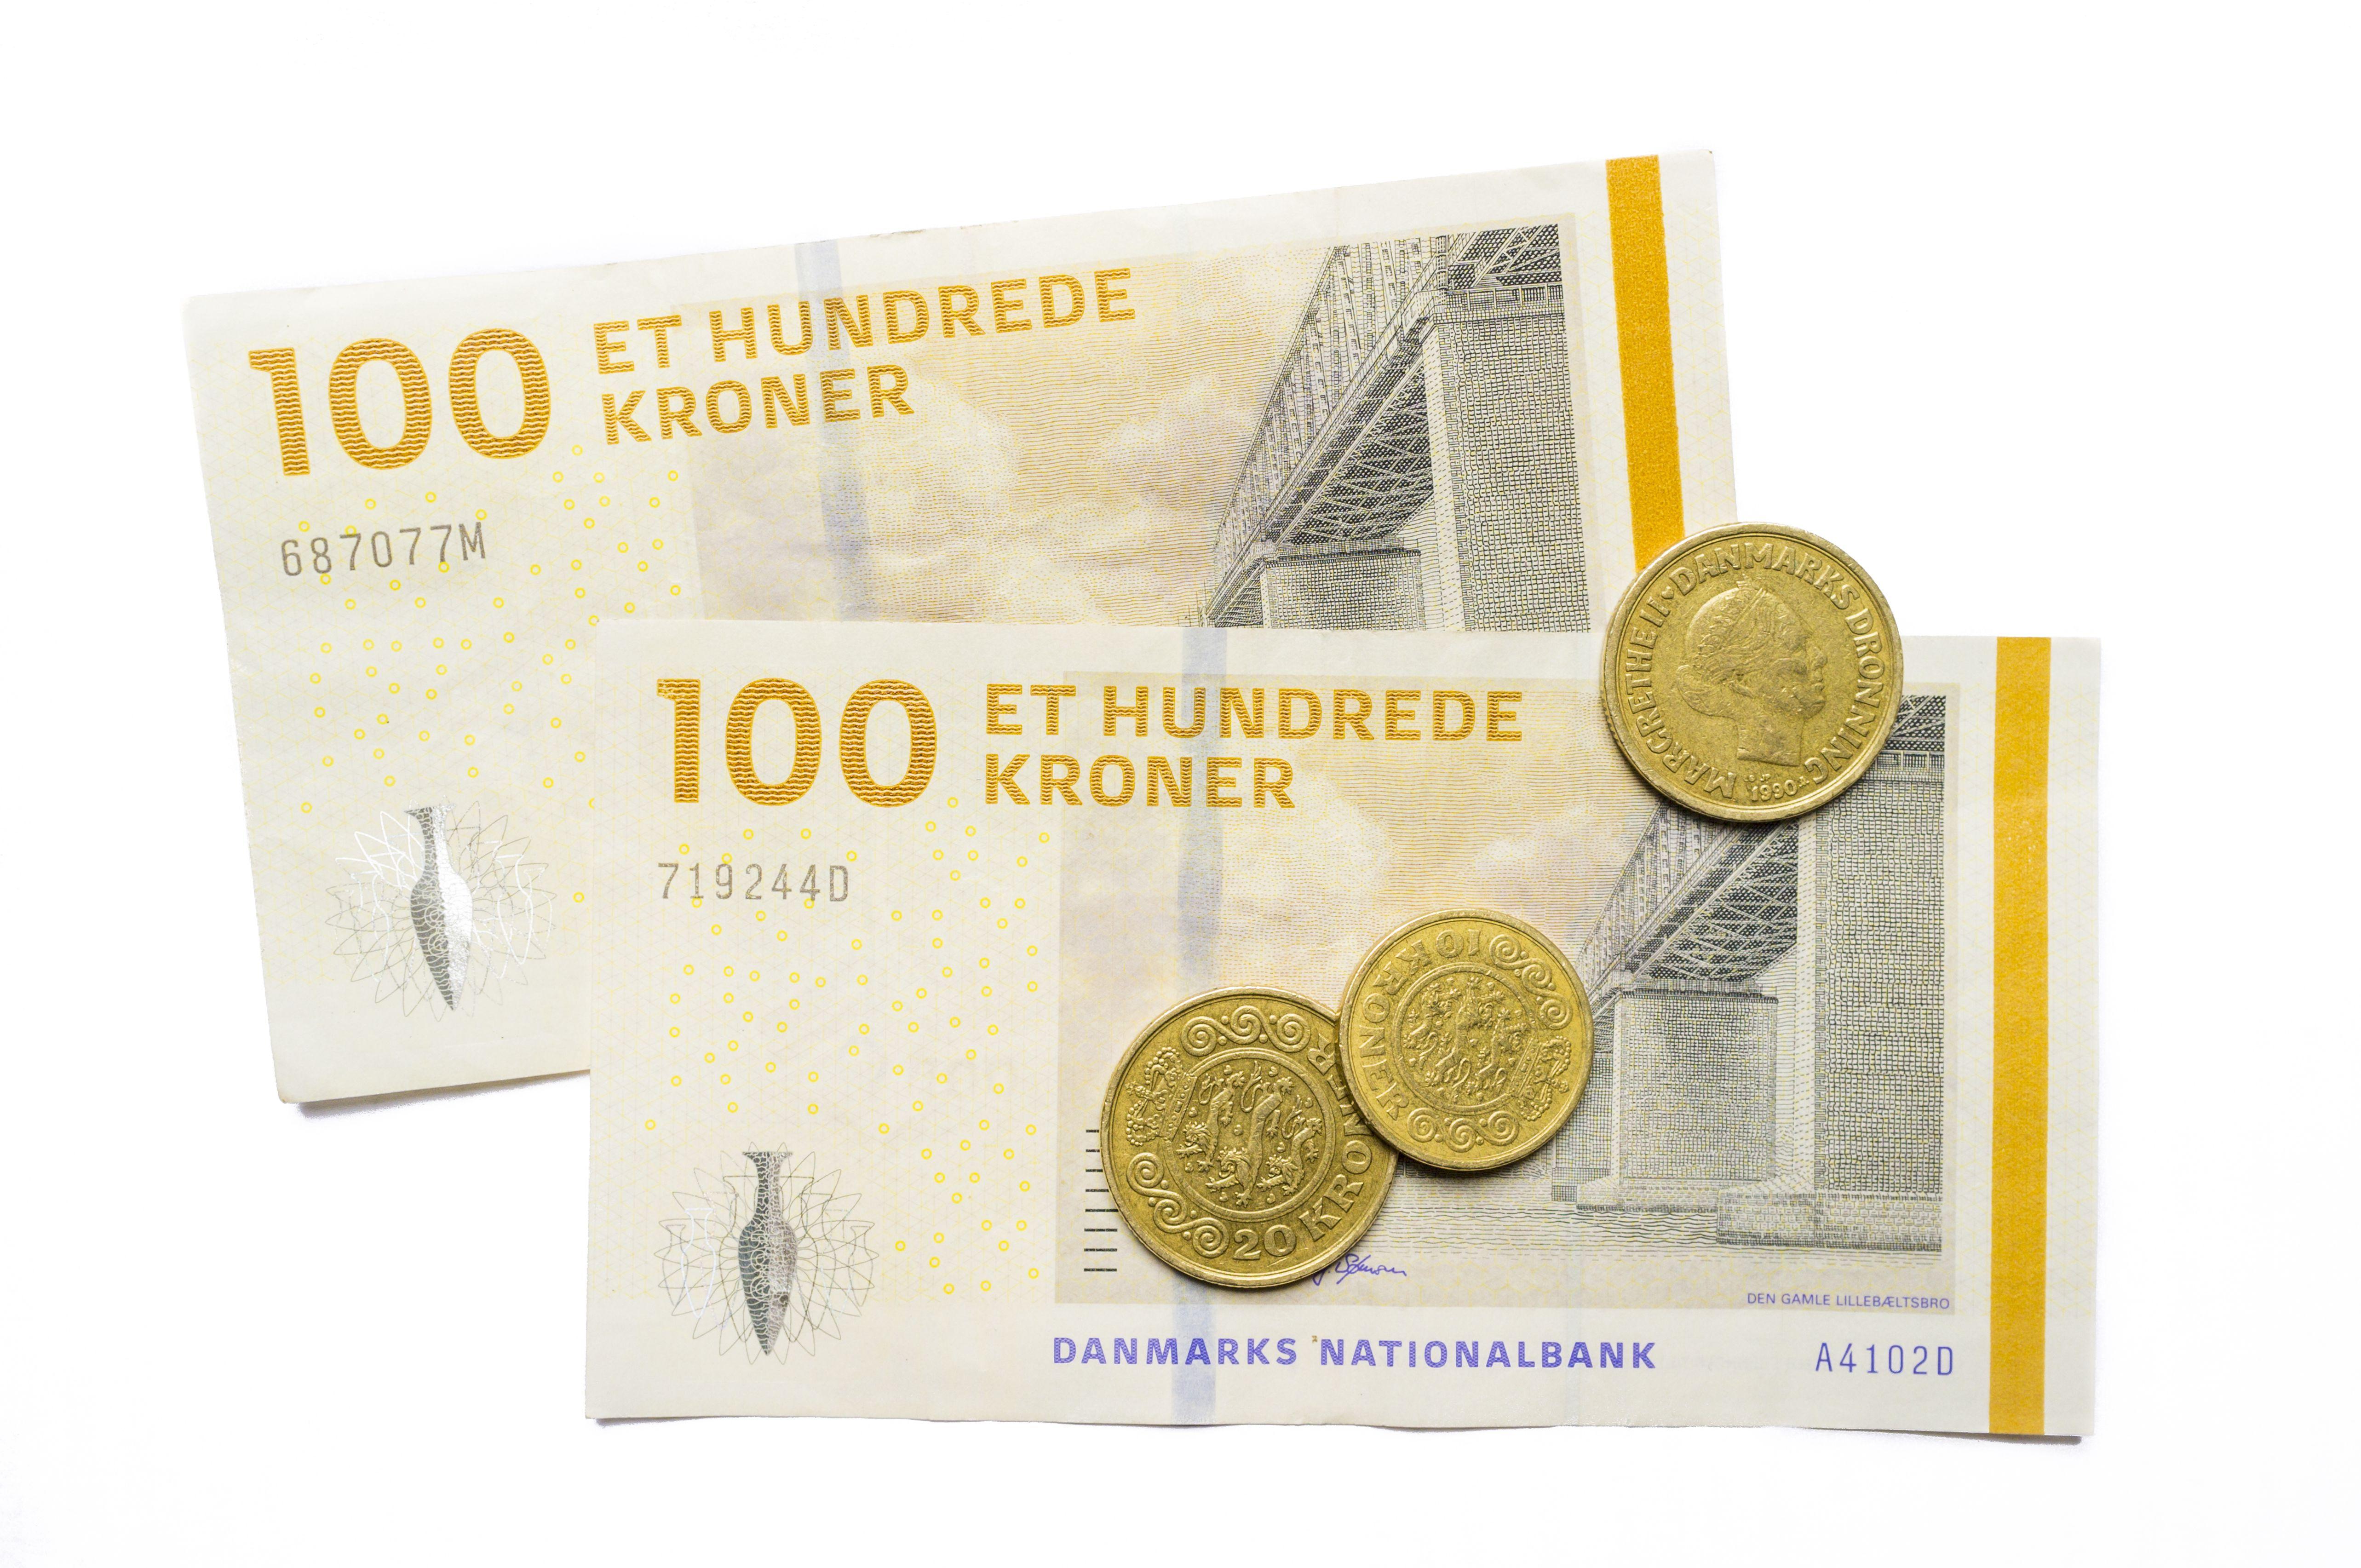 Currencies used in scandinavia biocorpaavc Choice Image